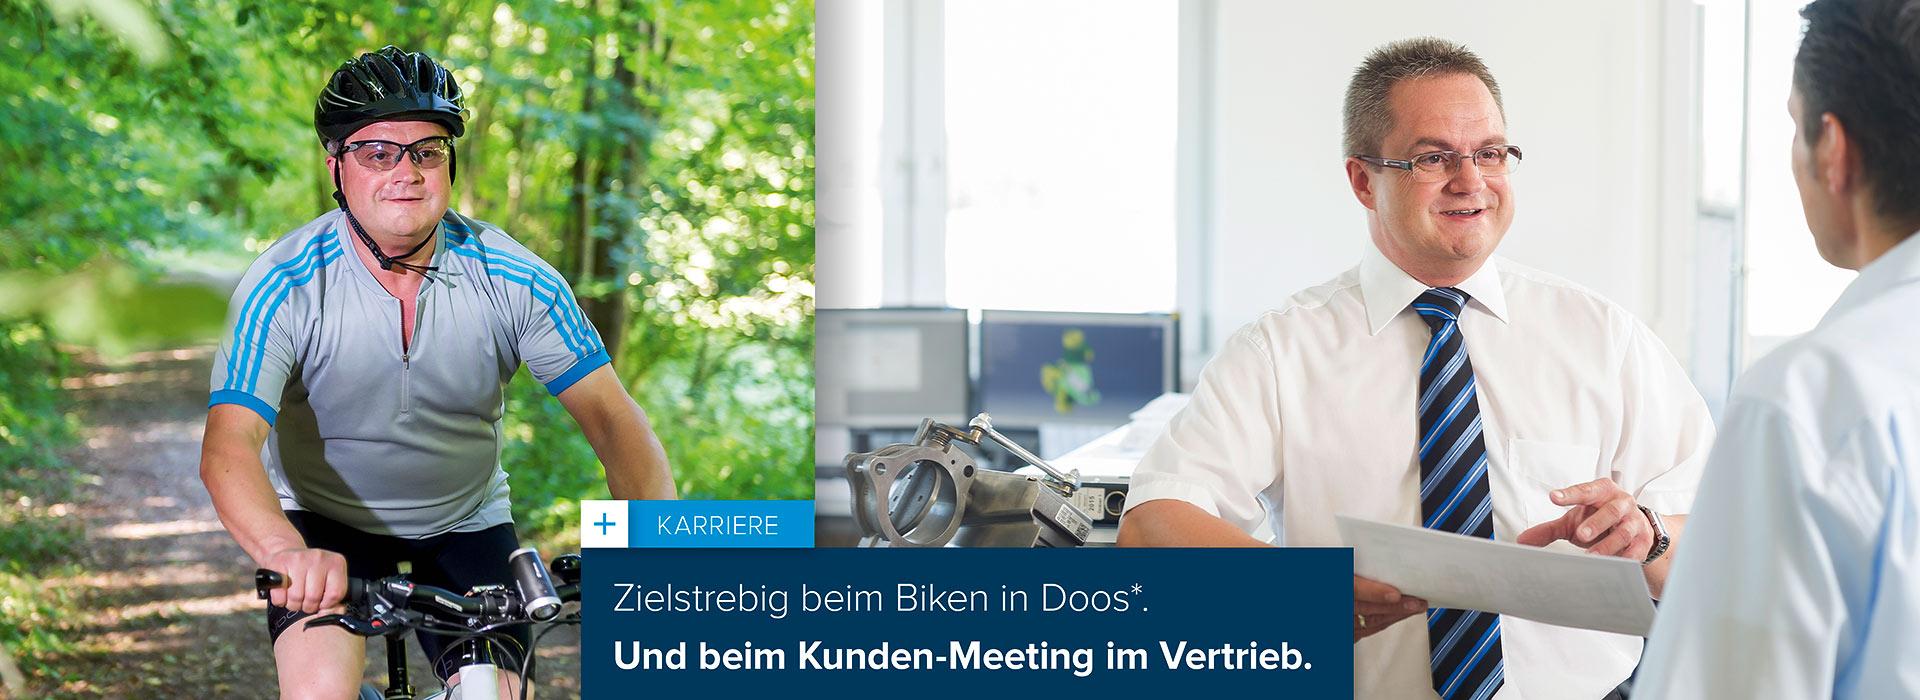 Employer Branding / Klubert + Schmidt